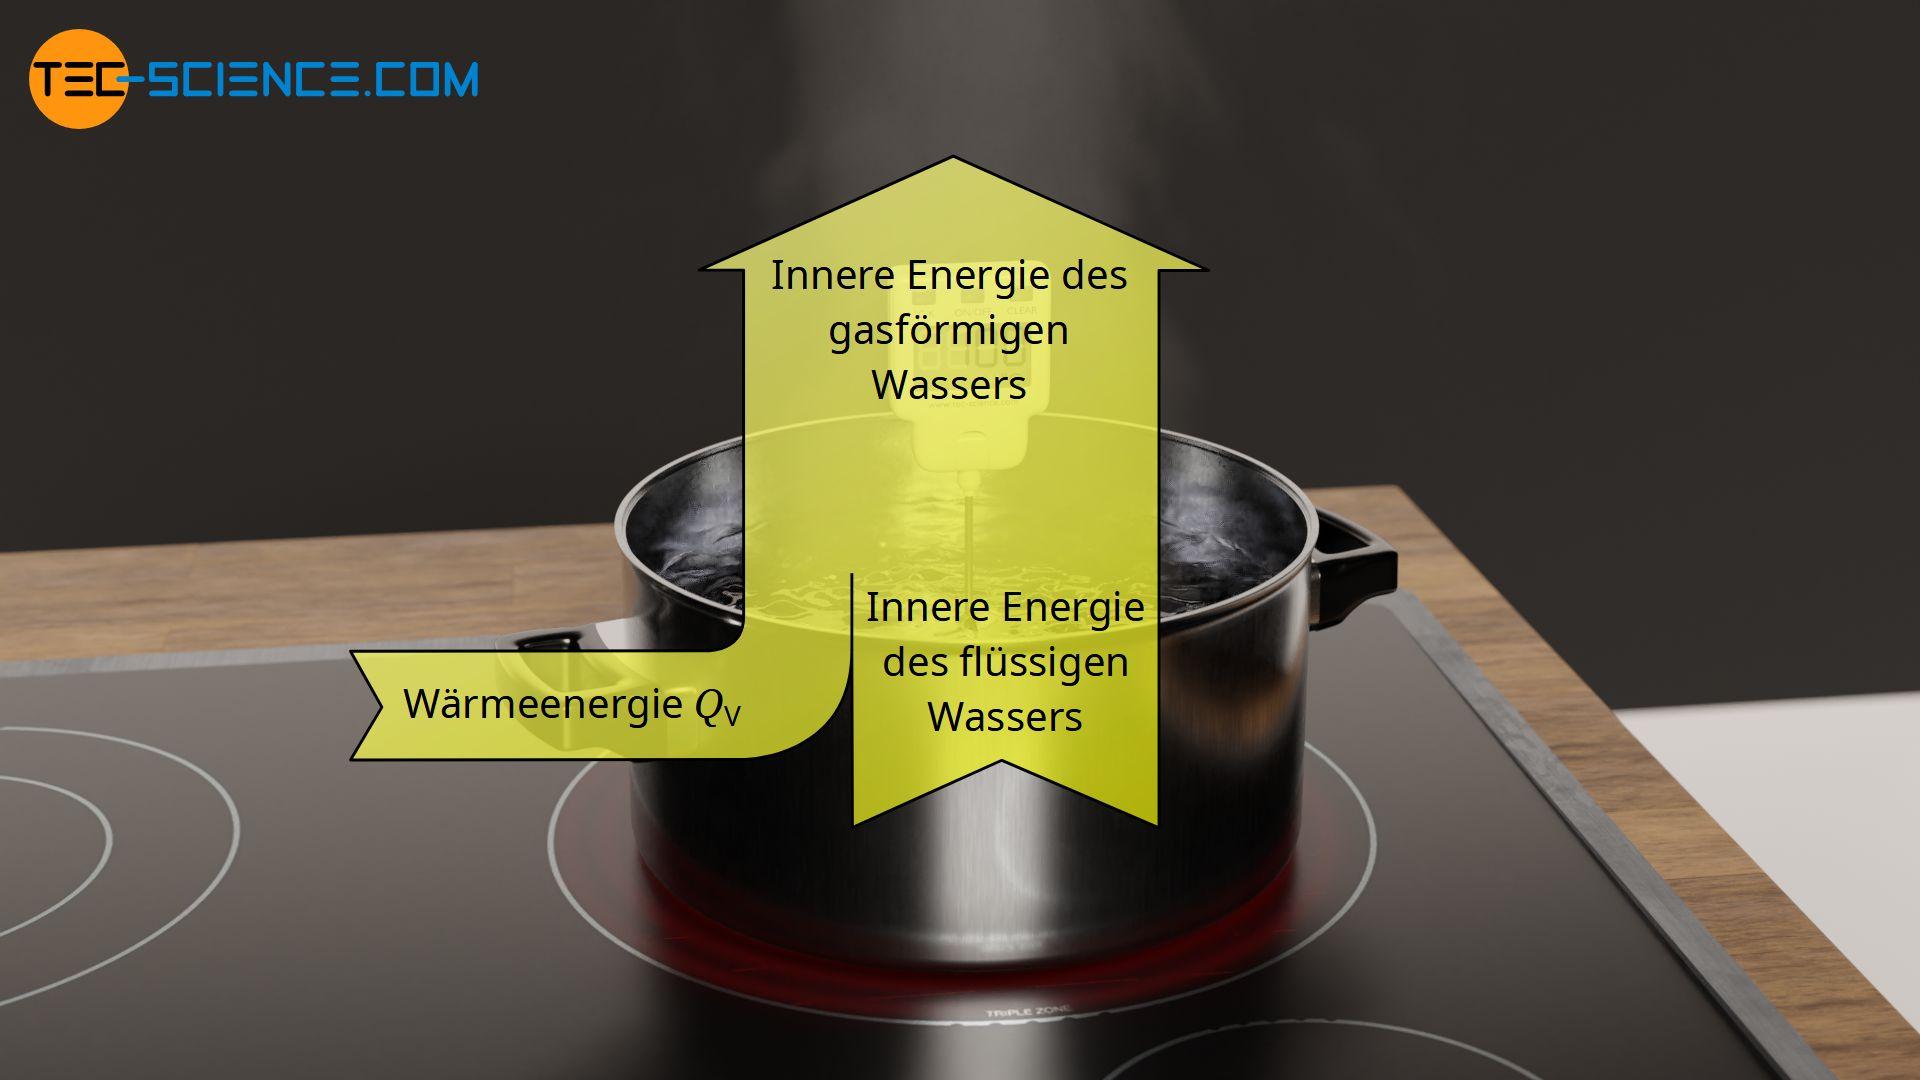 Änderung der inneren Energie durch Zufuhr von Verdampfungswärme während der Verdampfung